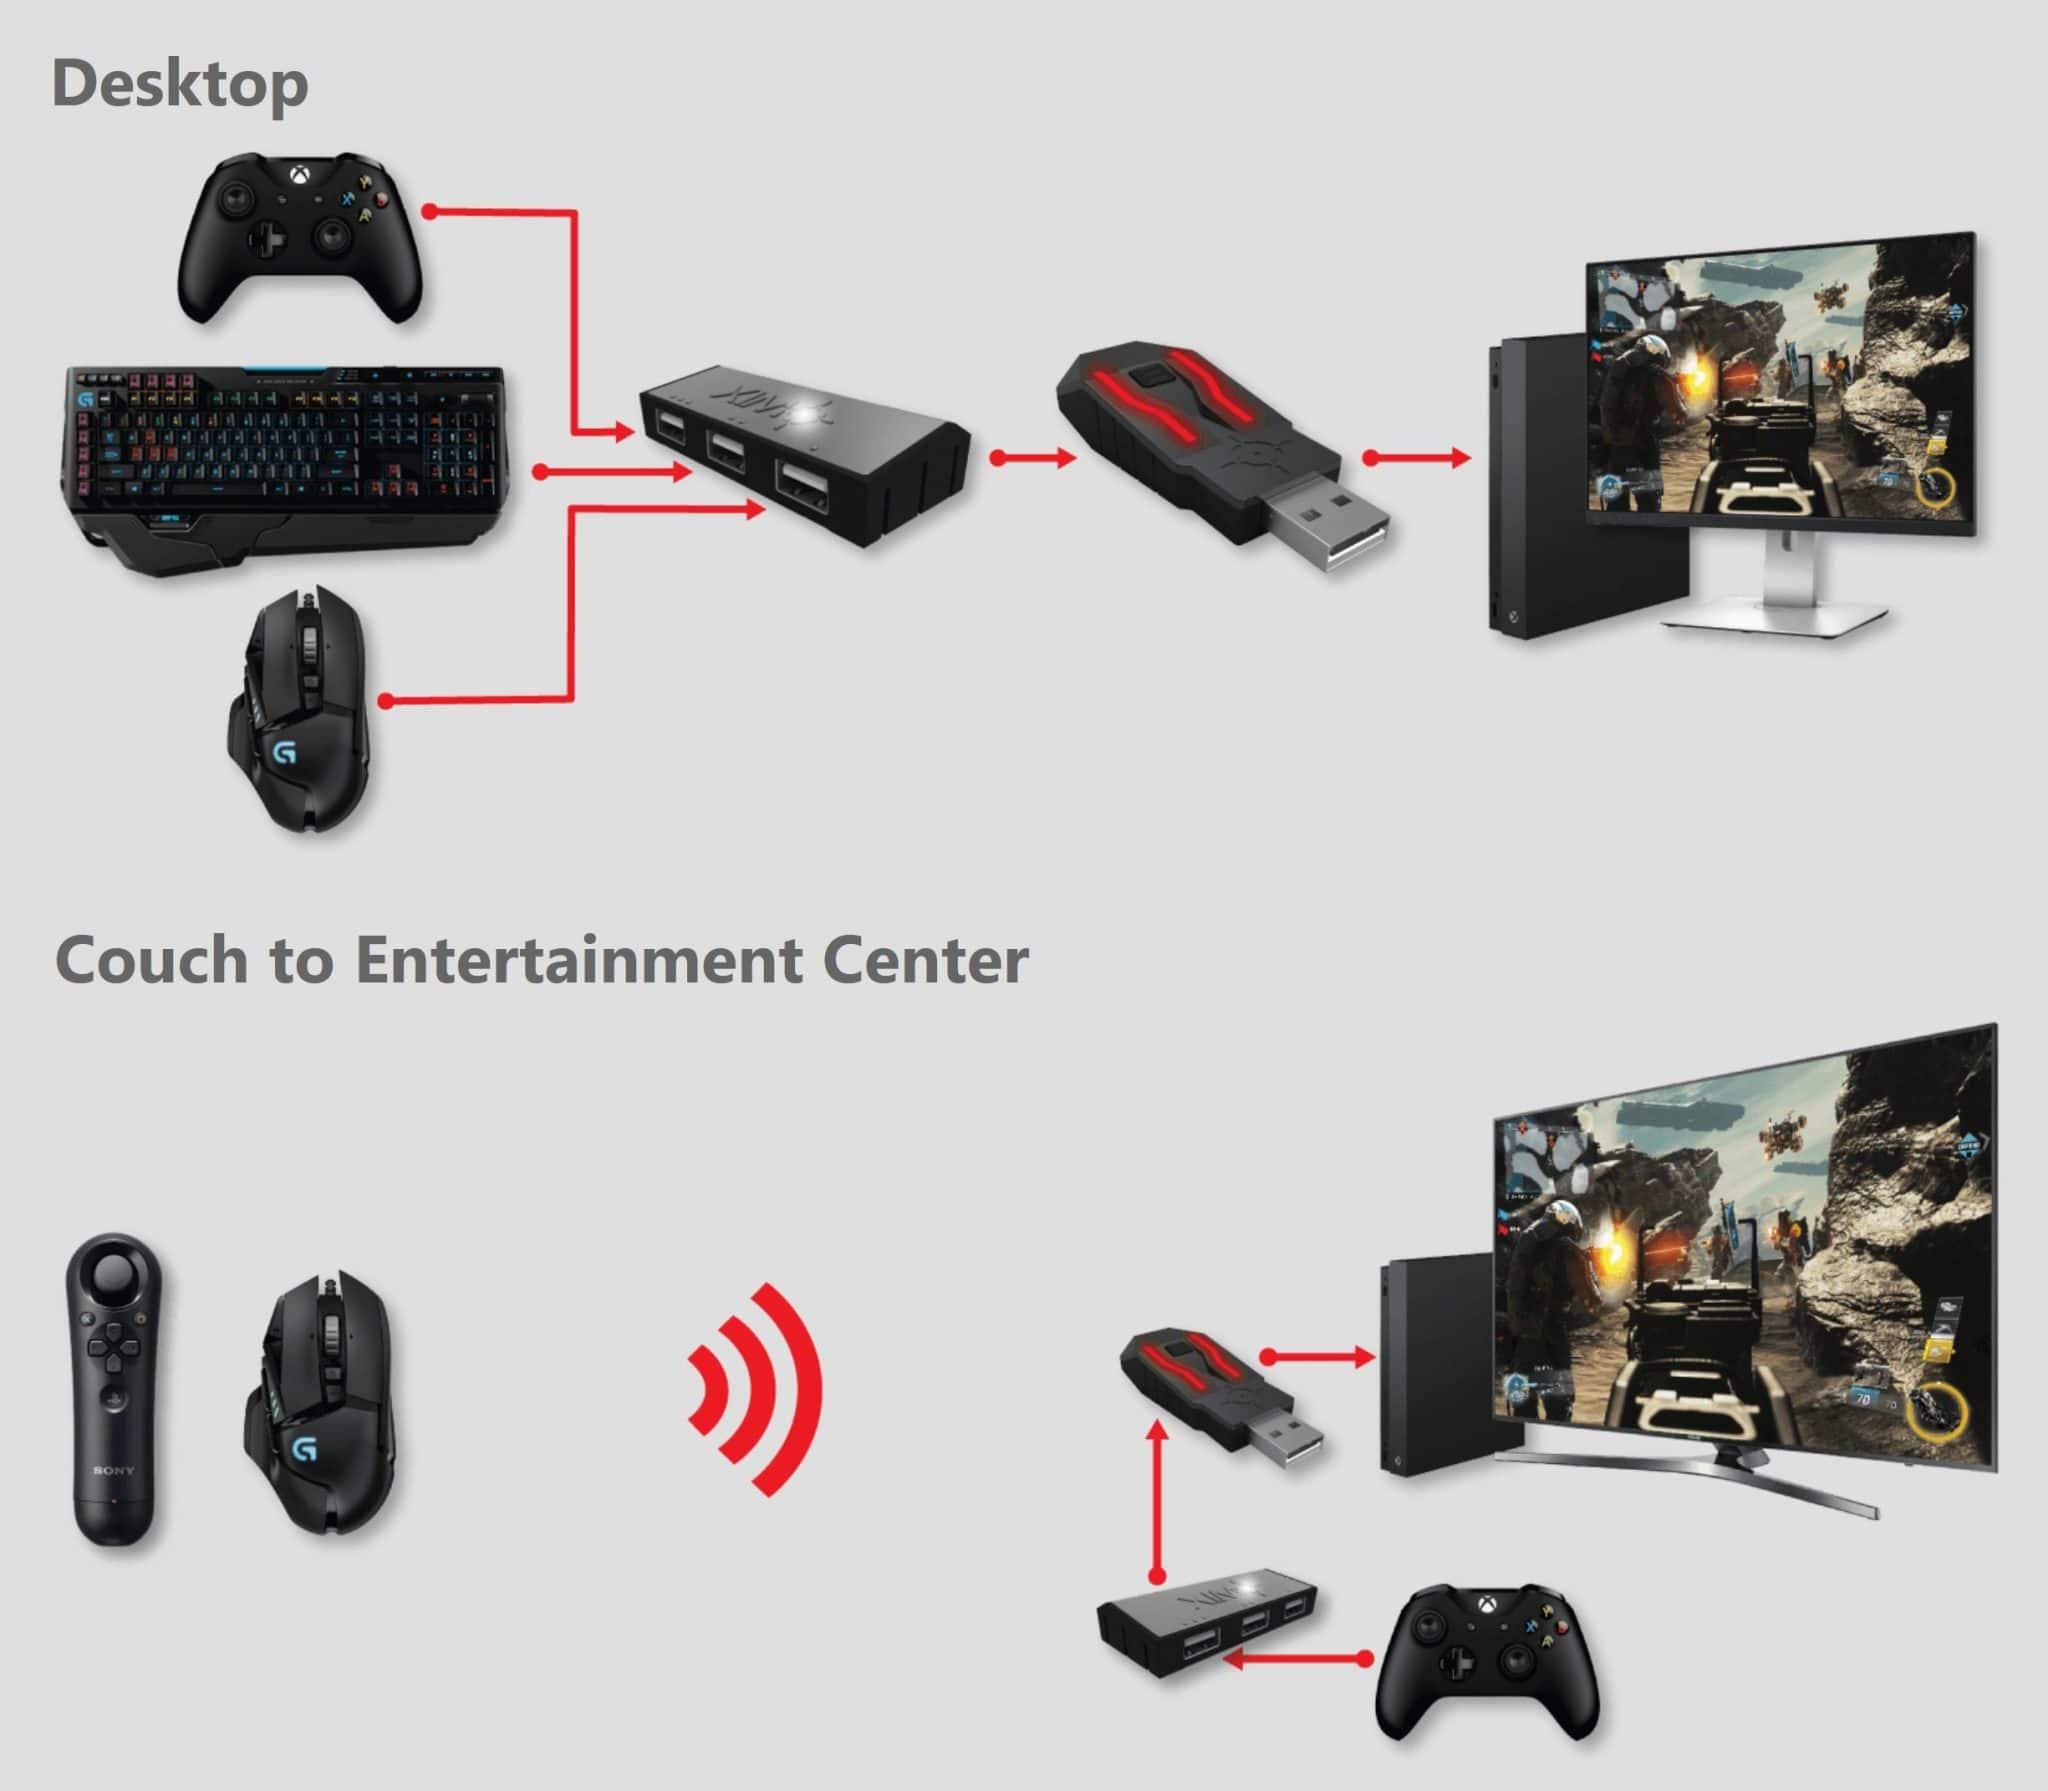 أسهل طريقة لتوصيل وتشغيل الكيبورد و الماوس على PS4 و Xbox One 4